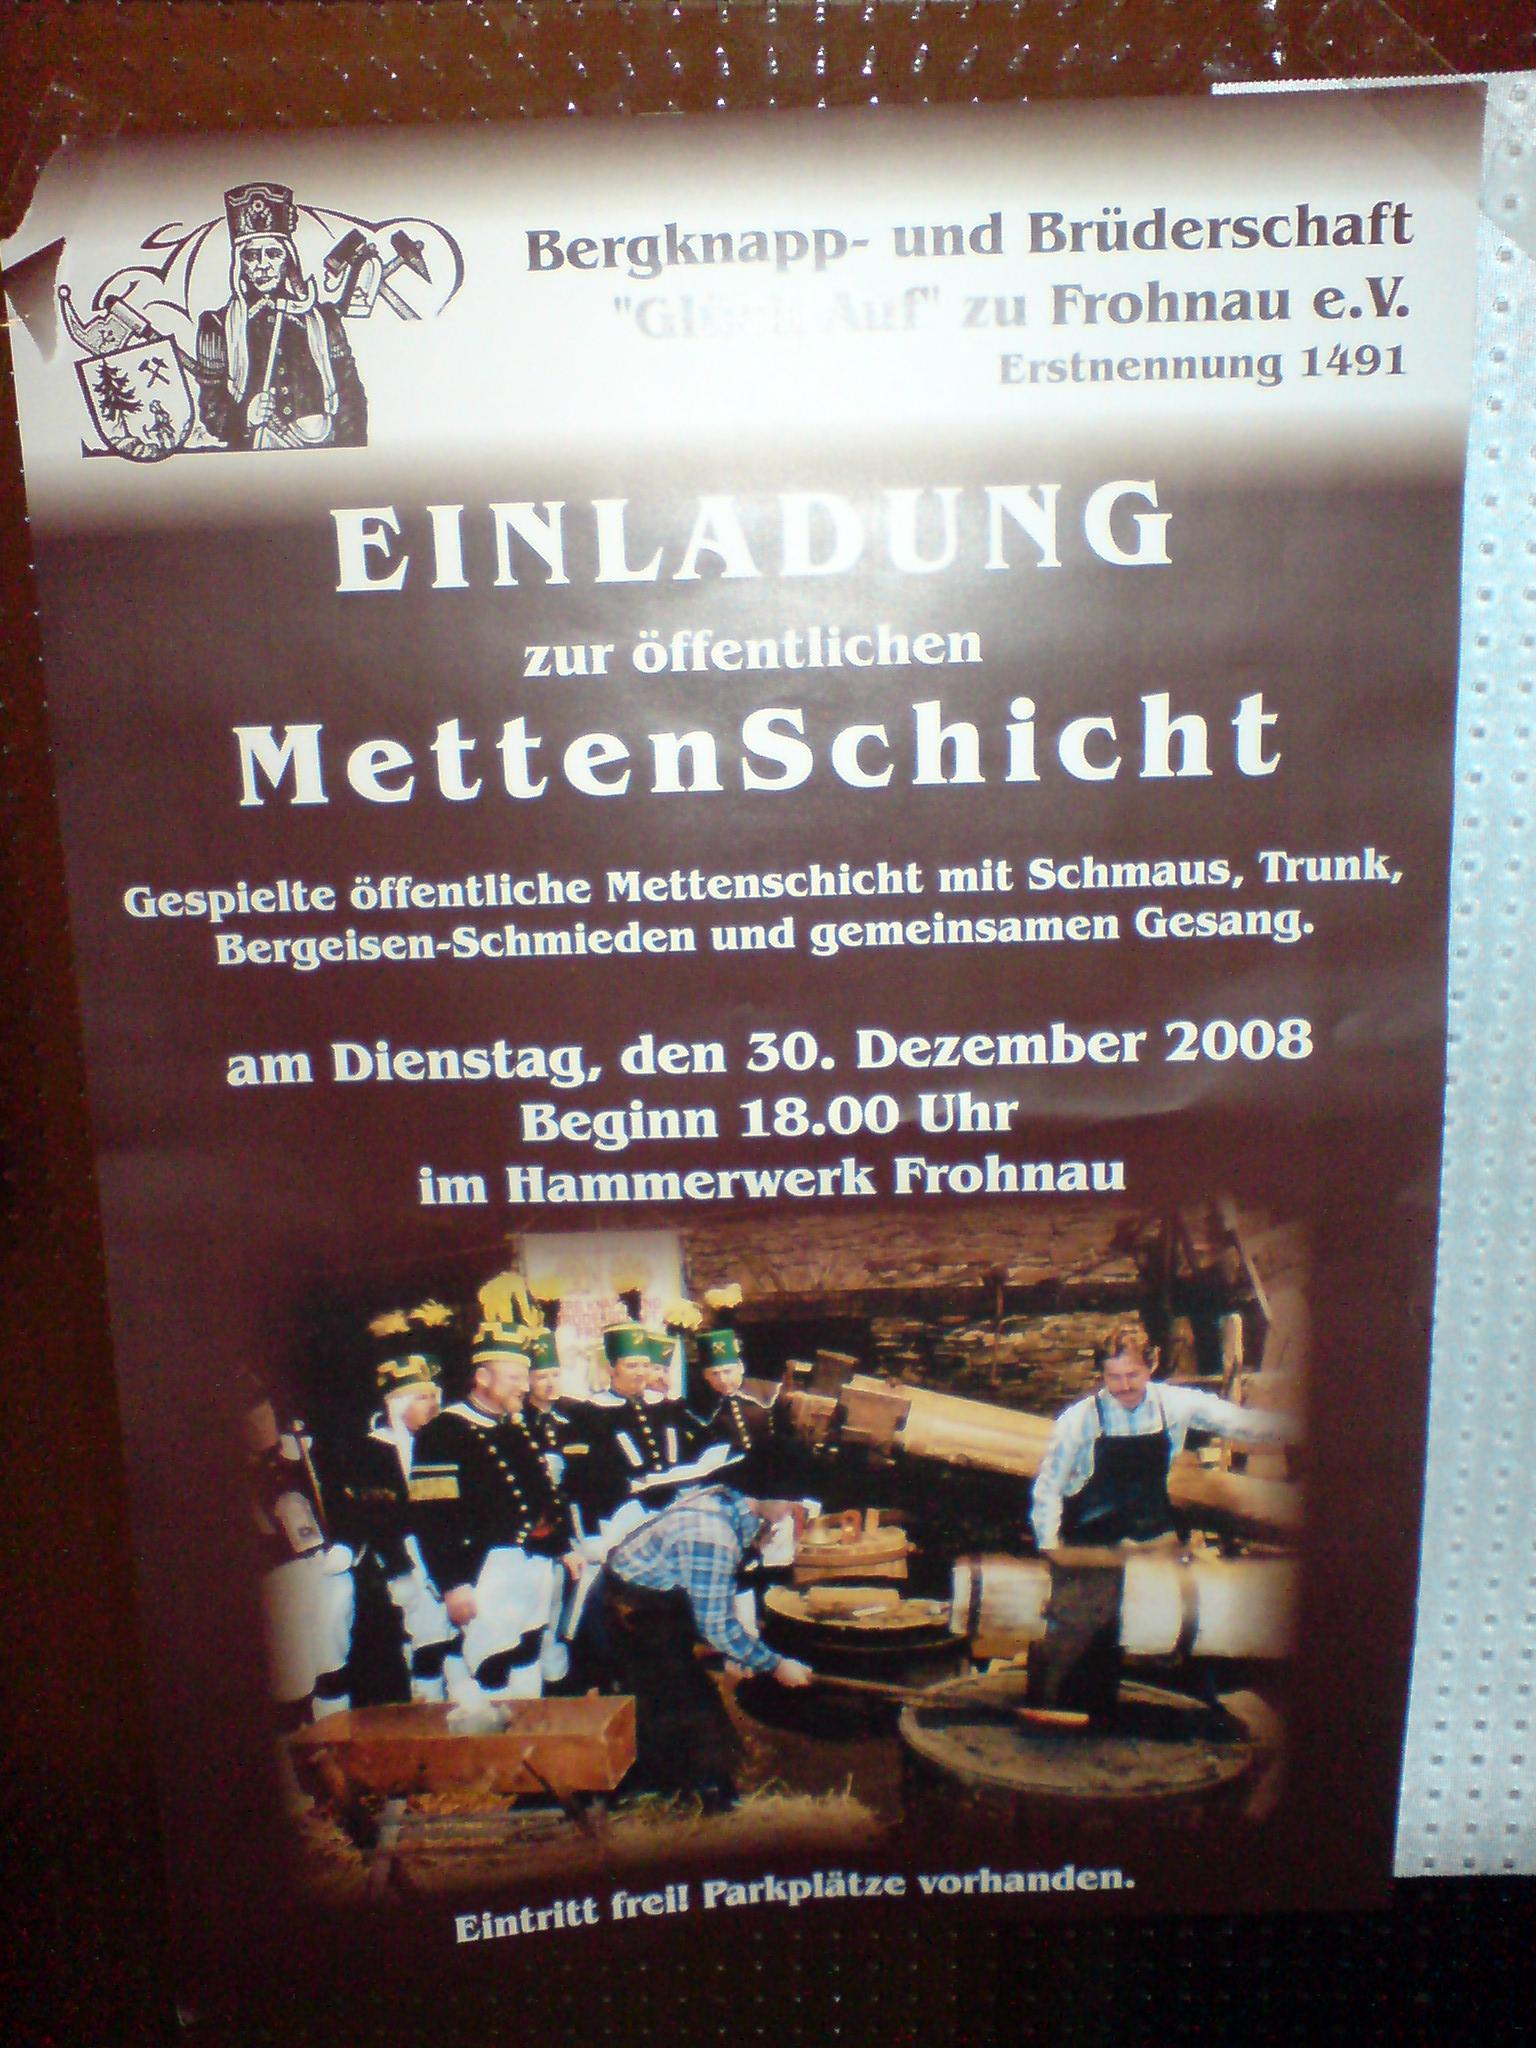 MettenSchicht im Hammerwerk Frohnau 2008